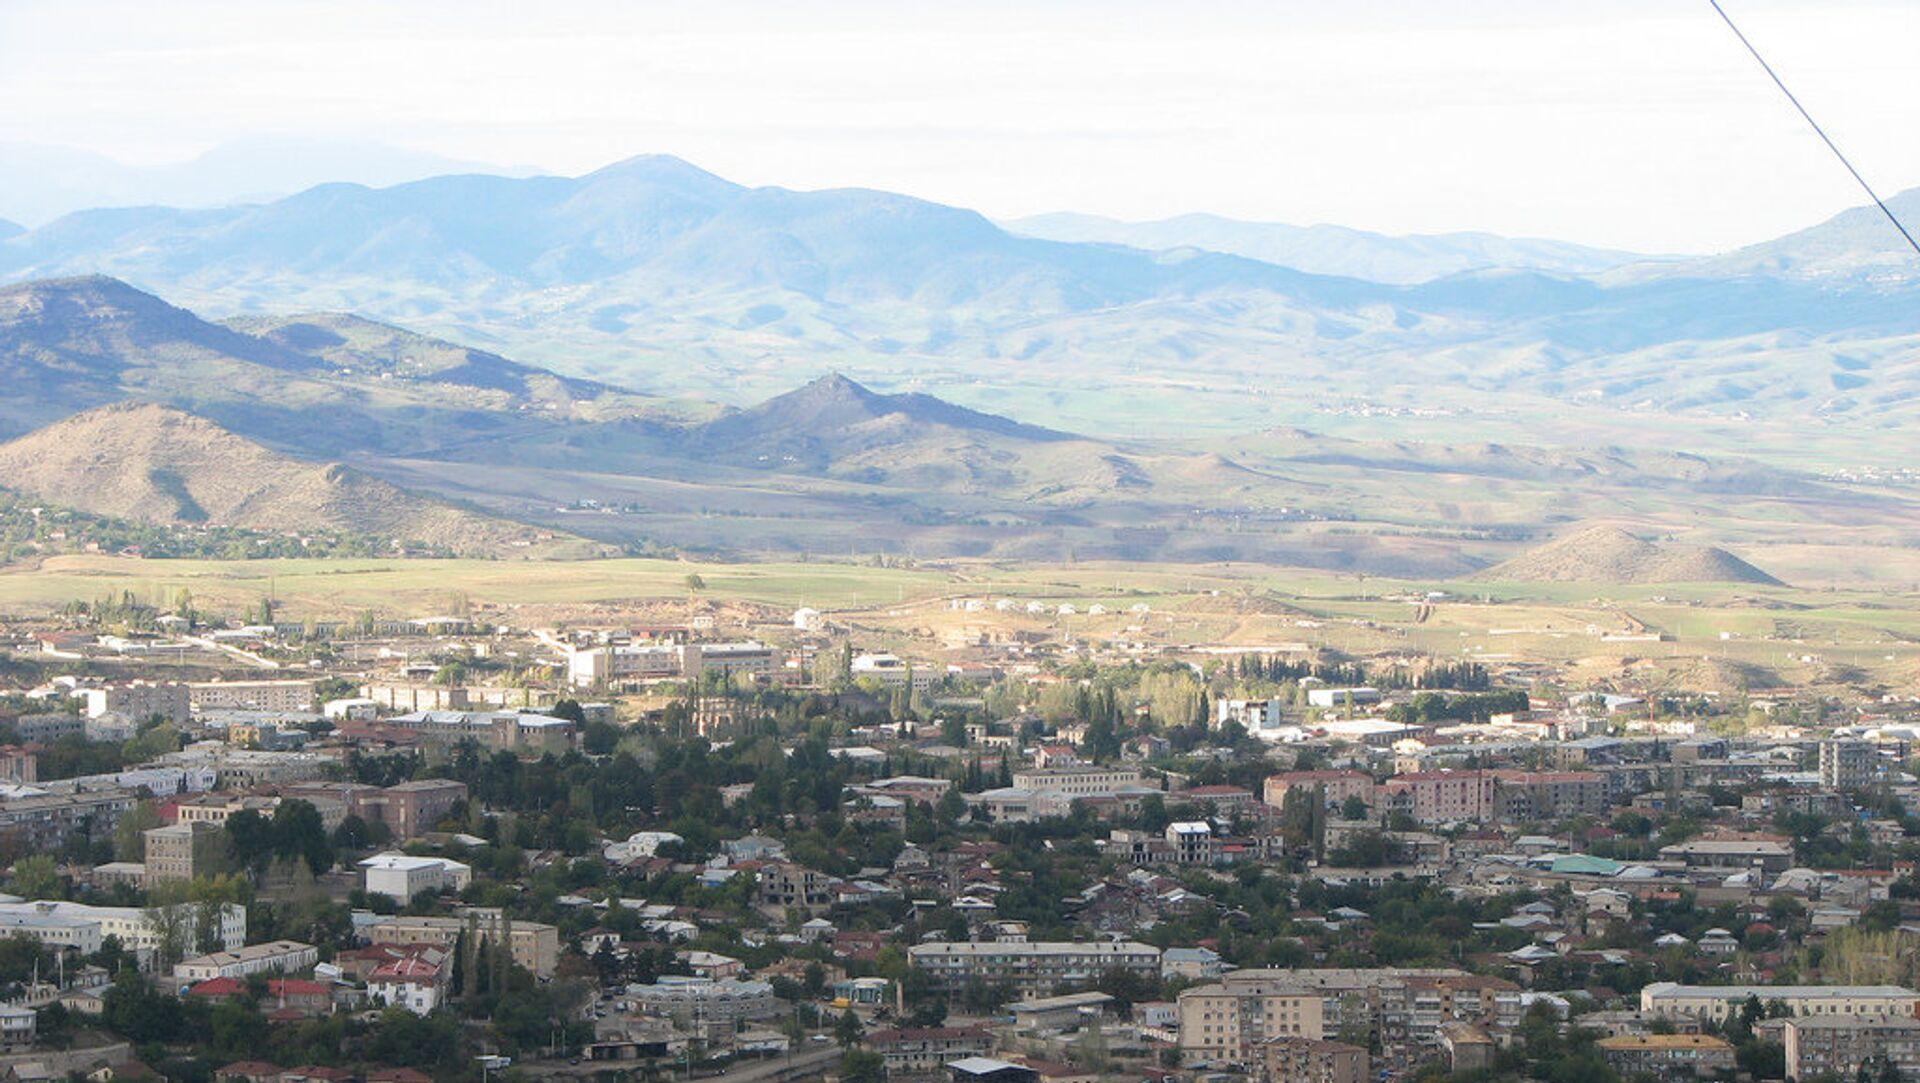 Вид на город Ханкенди, фото из архива - Sputnik Азербайджан, 1920, 11.03.2021